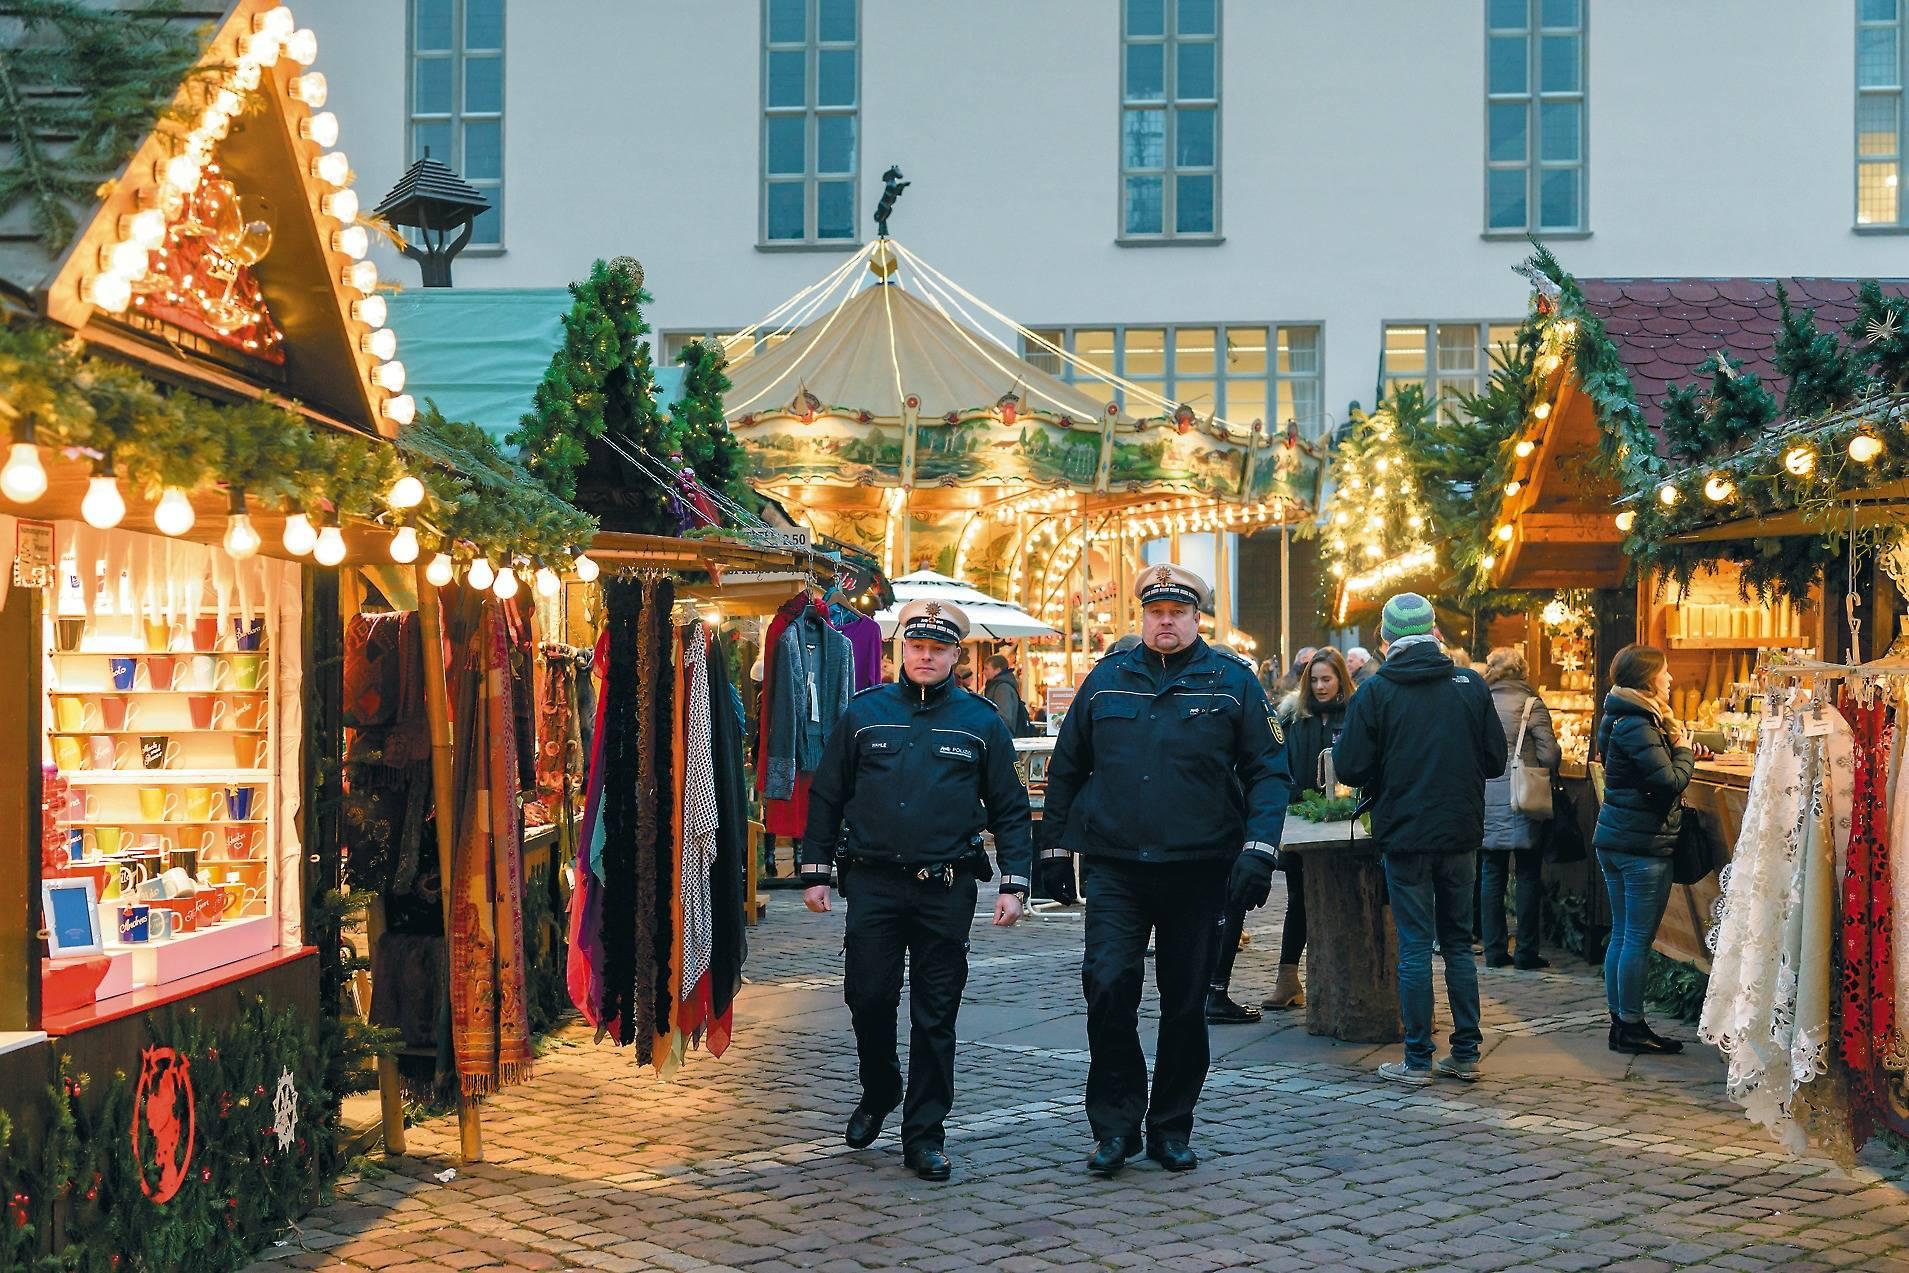 öffnungszeiten Weihnachtsmarkt Heidelberg.Der Heidelberger Weihnachtsmarkt Ist Kein Gutes Pflaster Für